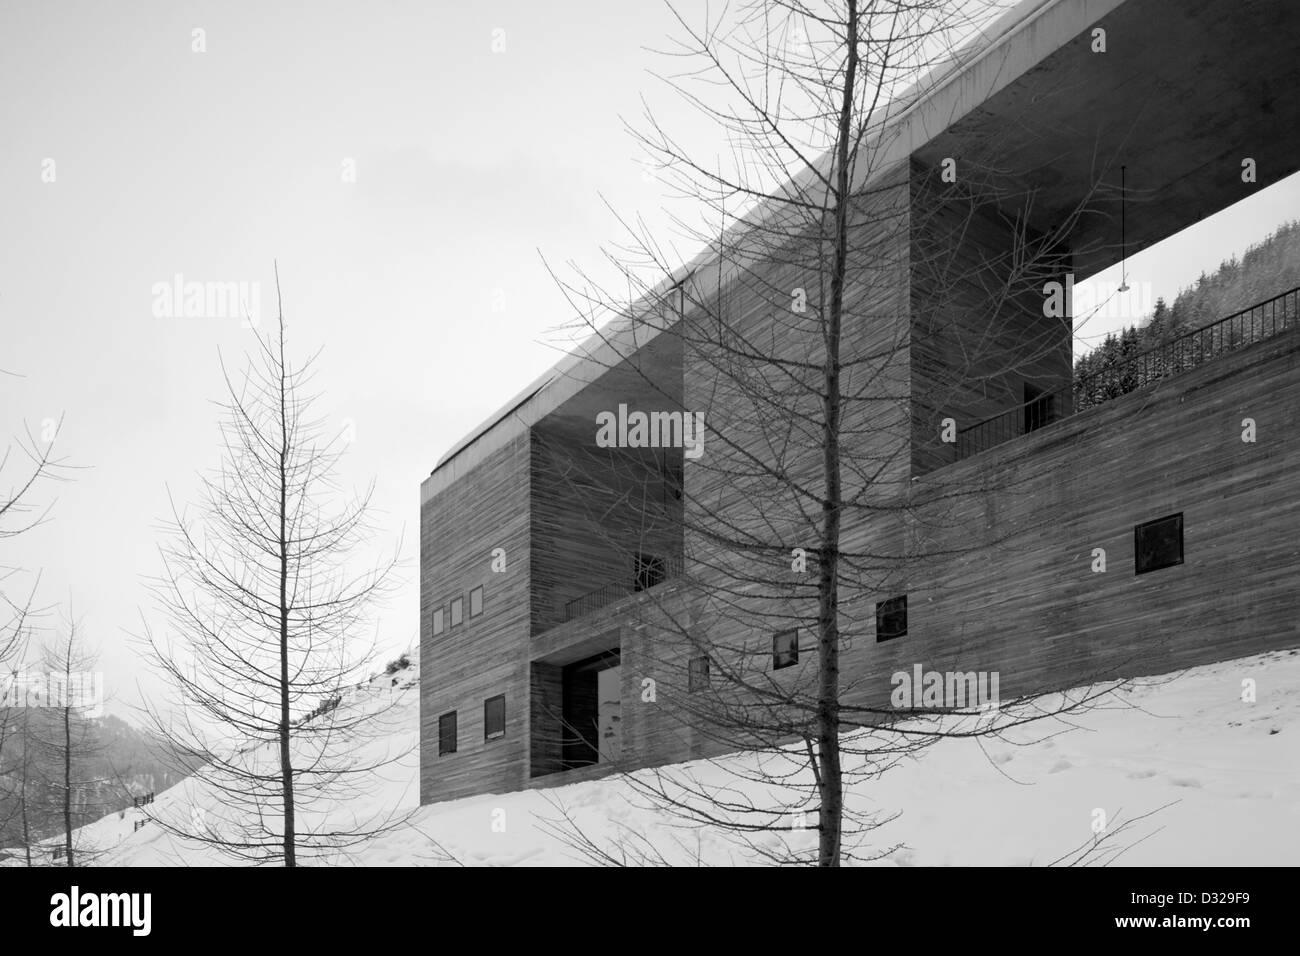 Bagni Termali Vals : Vals terme vals svizzera. architetto: peter zumthor 1996. dalla